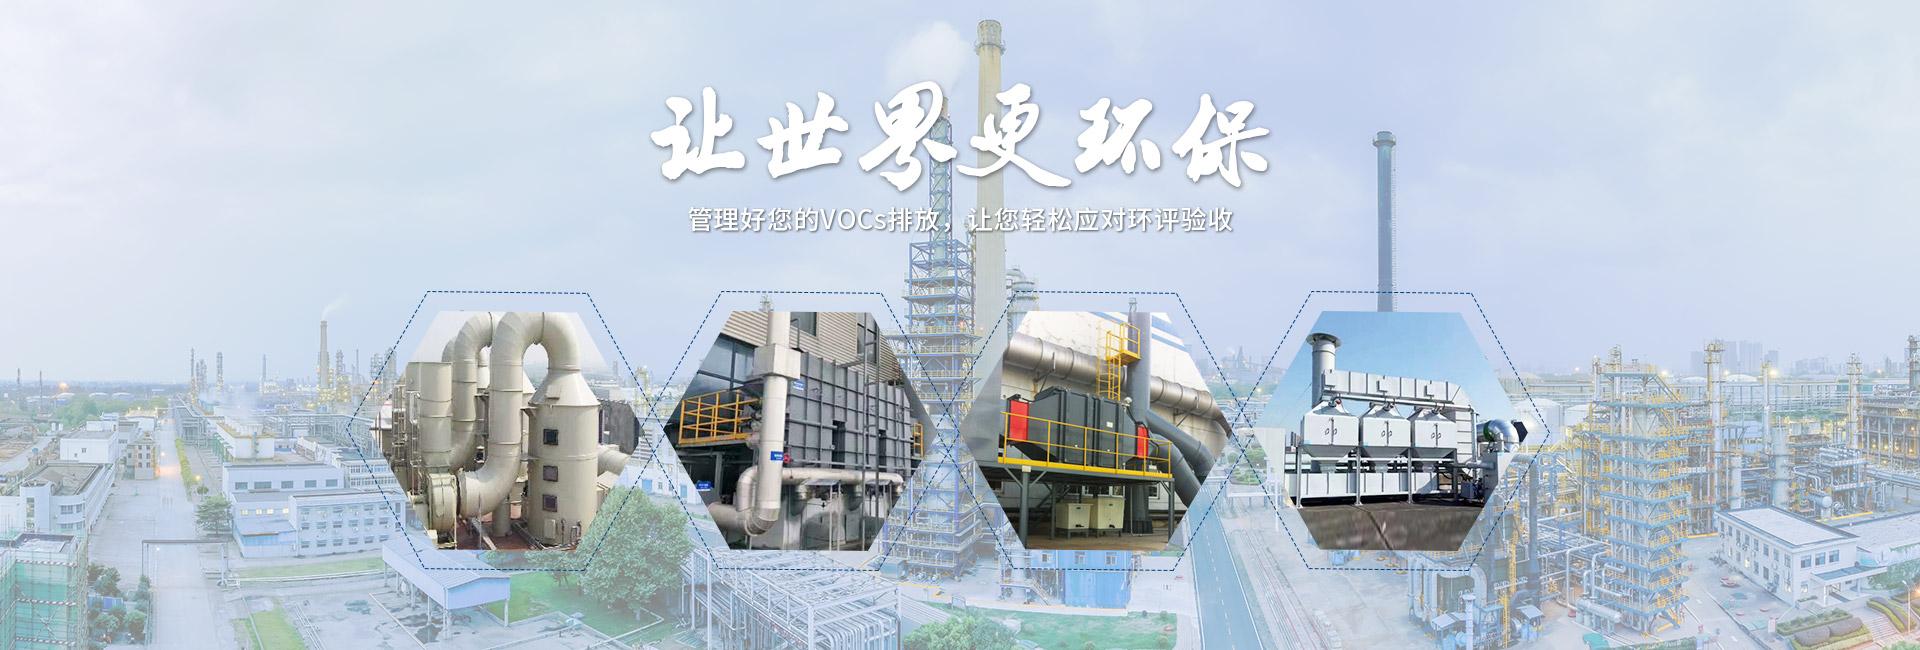 苏州博讯特环保科技有限公司